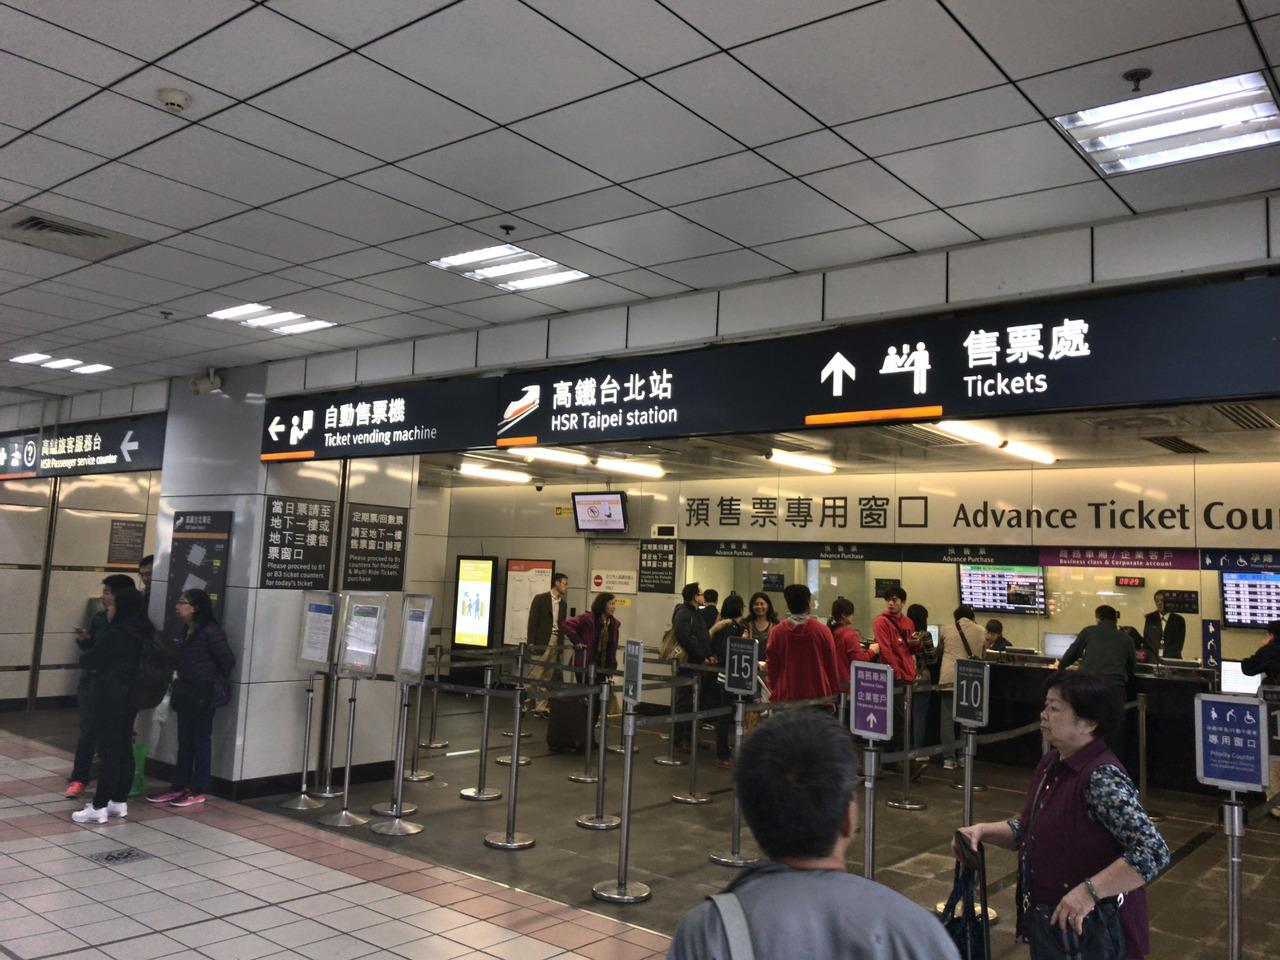 台北駅にある新幹線(高鐵)の窓口